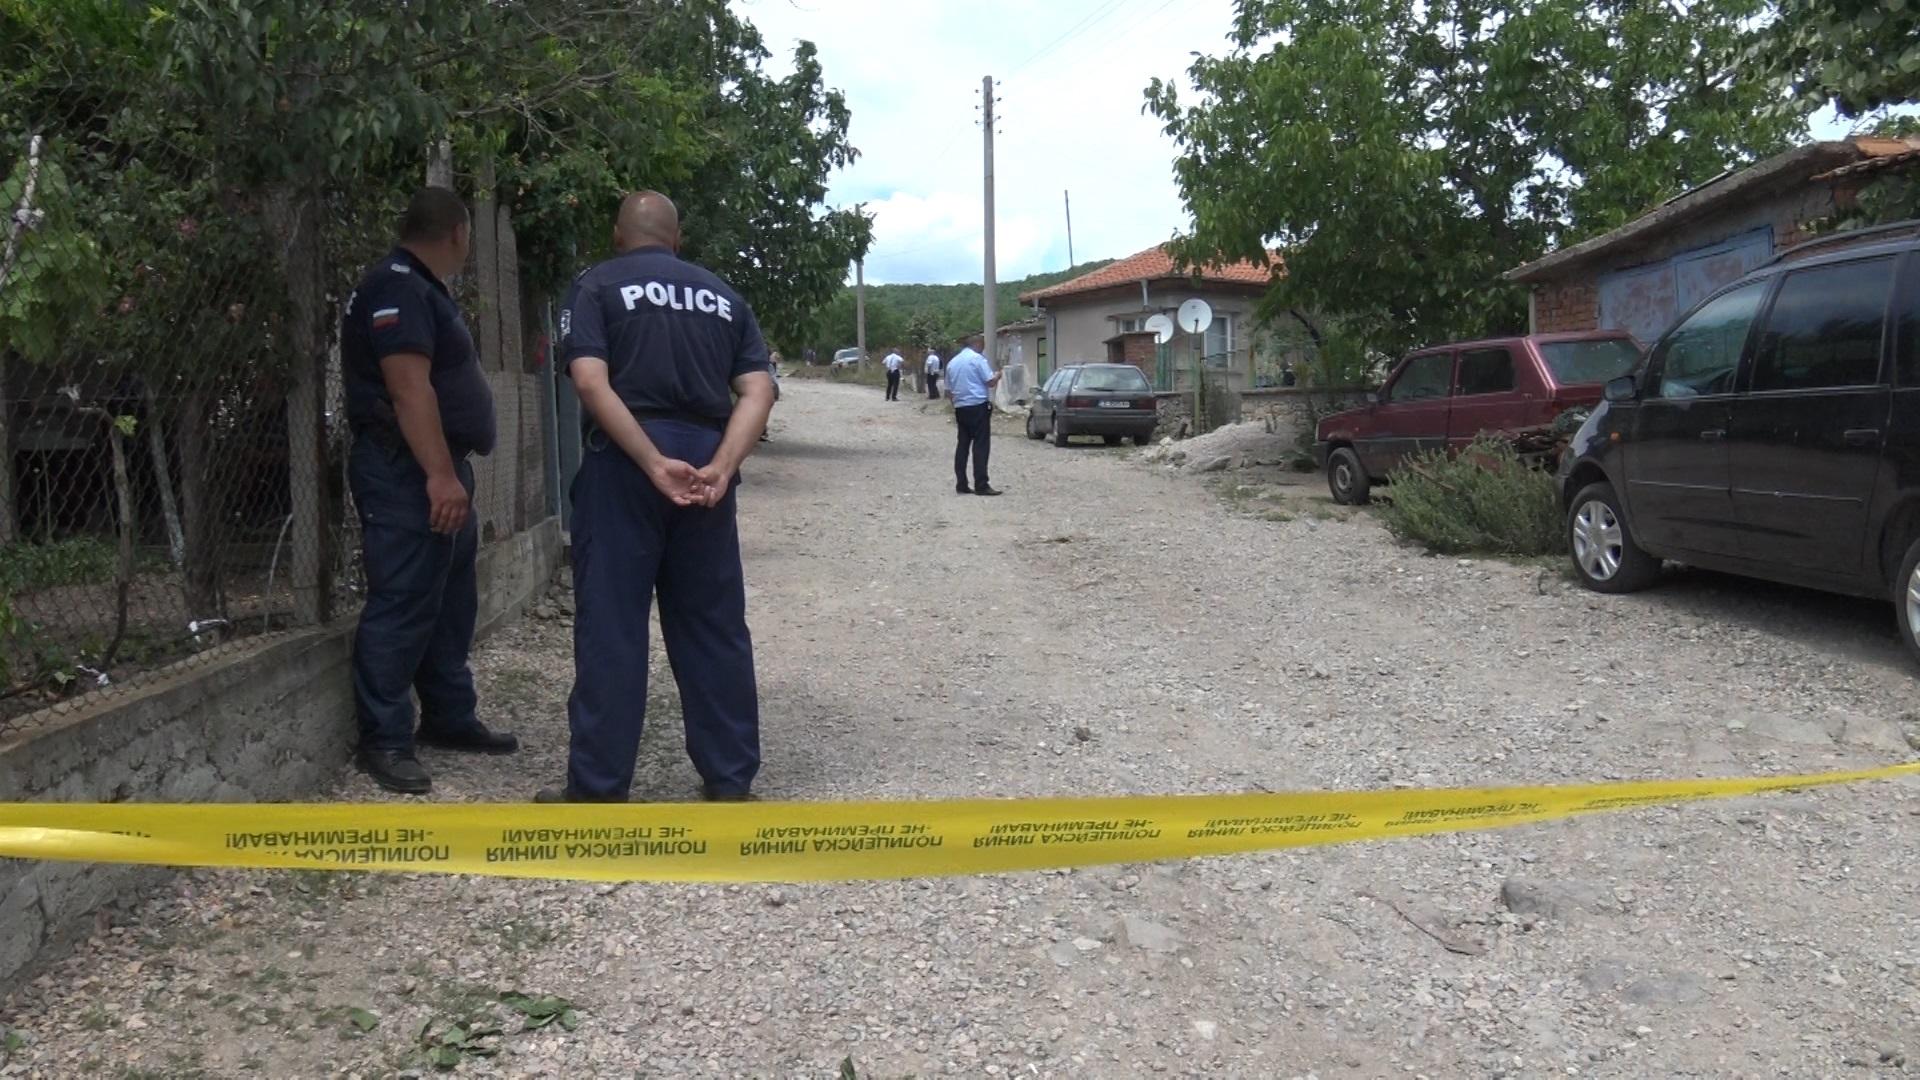 Двойно убийство е било извършено в хасковското село Козлец. Инцидентът е станал около 09.30 часа сутринта. Застреляни са 44-годишна жена и 48-годишния ѝ съсед. Задържан е извършителят - 45-годишен мъж, с когото жената е живеела на семейни начала. Според първоначалните неофициални данни убиецът си внушавал, че жена му и съседът му са любовници. Пушката, с която са застреляни, е законно притежавана.  Жената е убита в дома им, а съседът - пред неговия дом.